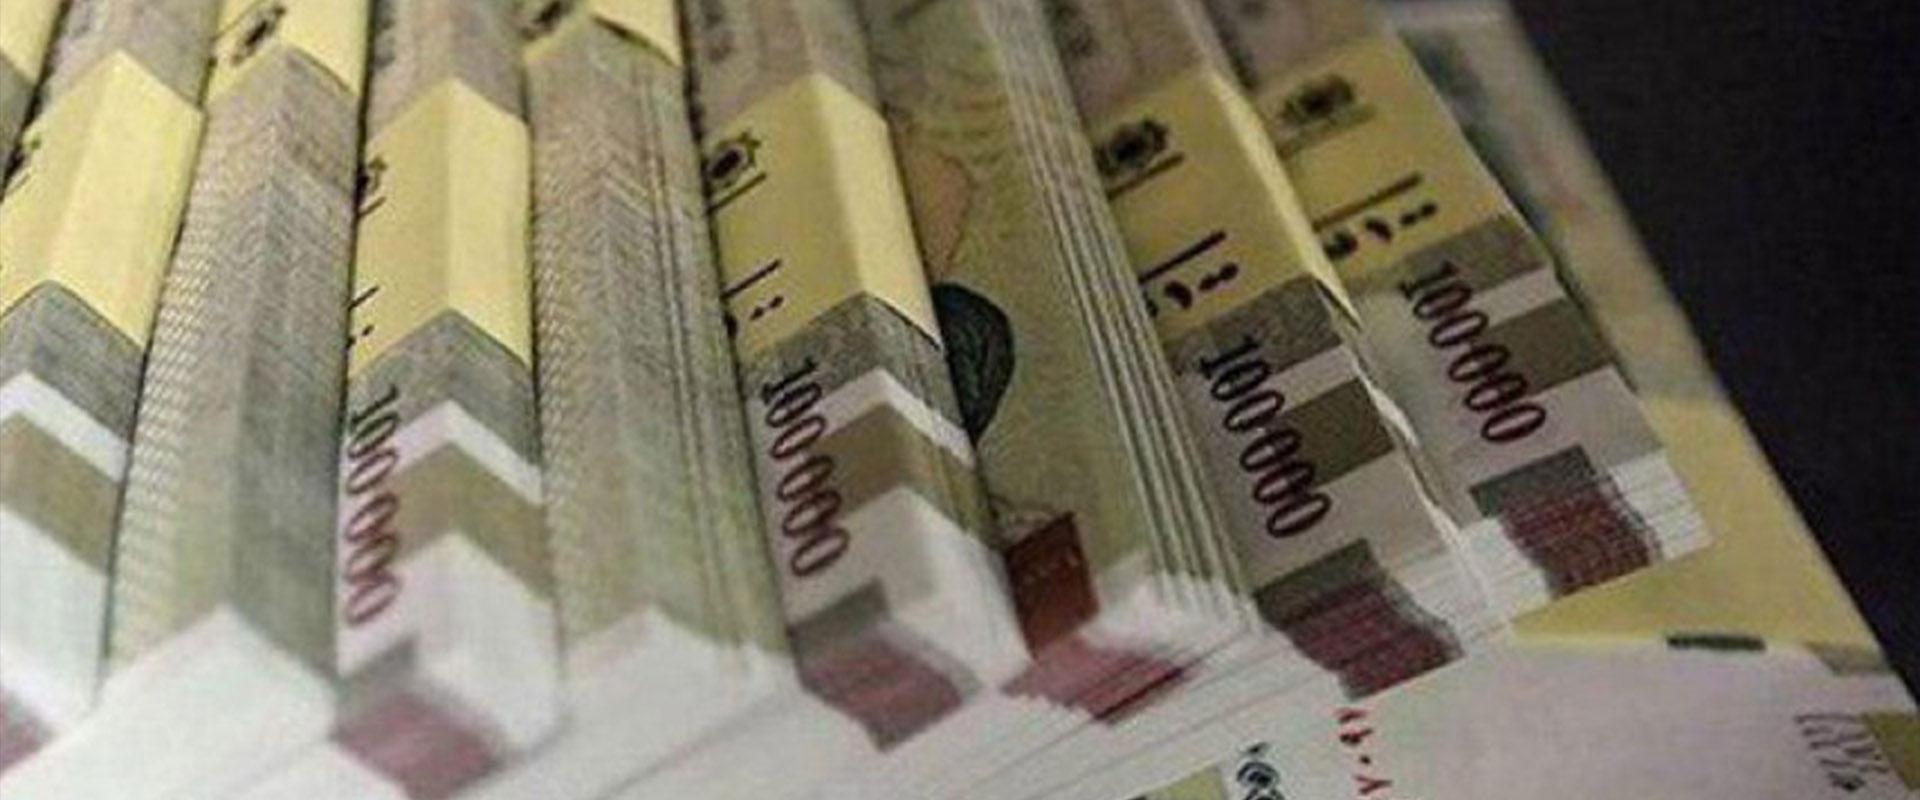 تراز ۴ماهه بانک اقتصاد نوین به هزارمیلیارد تومان نزدیک شد